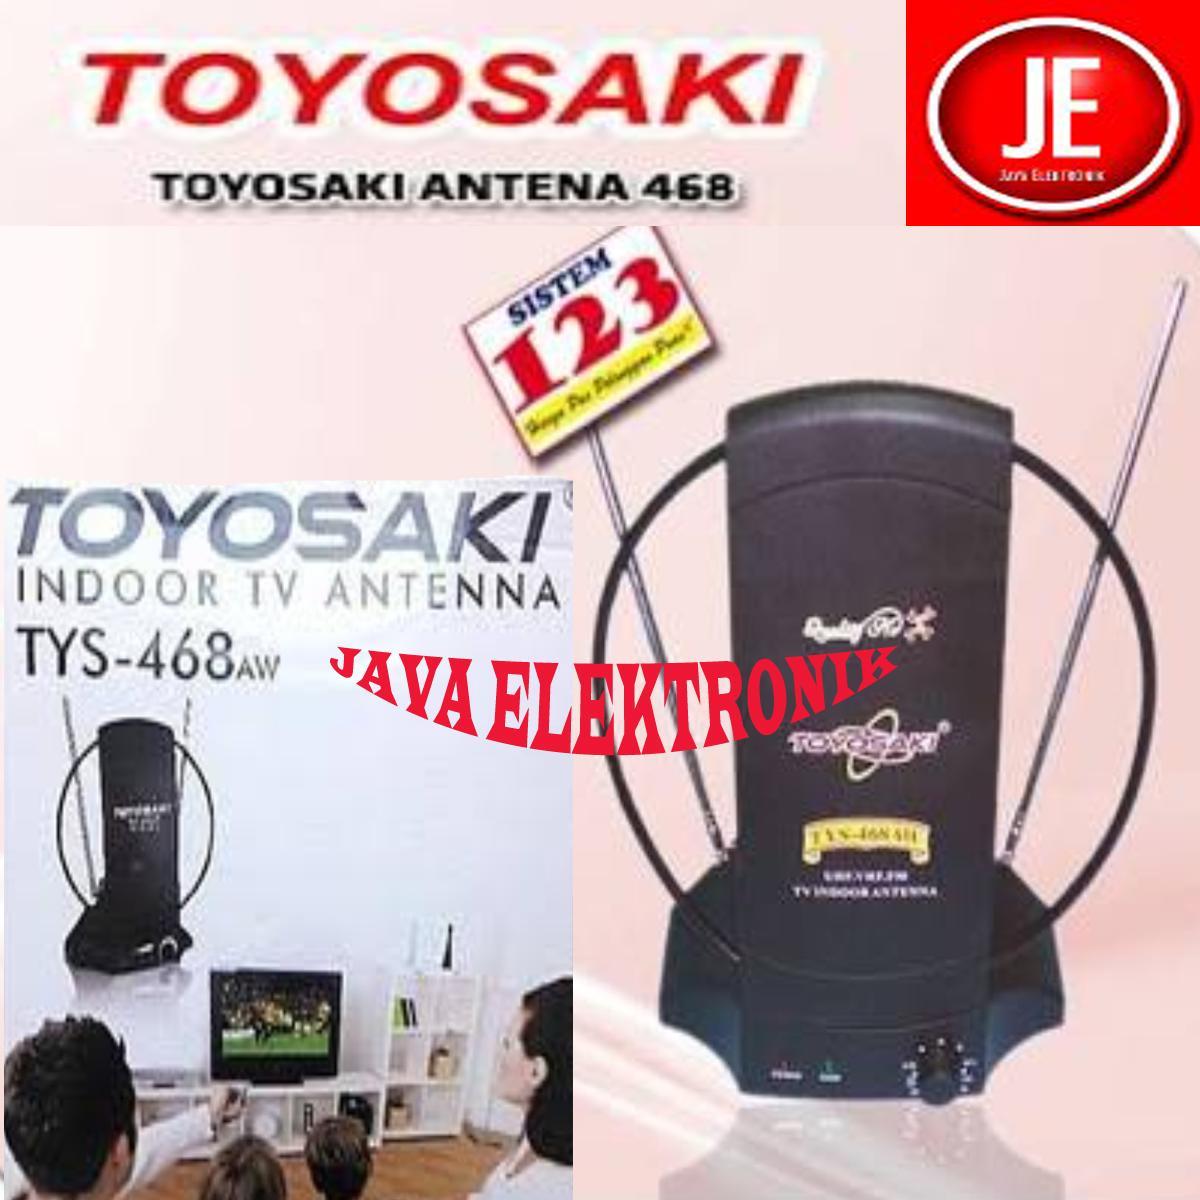 Toyosaki Antena Dalam TYS 468 AW/Antena Indoor UHF + VHF ( Smart Gain Indicator